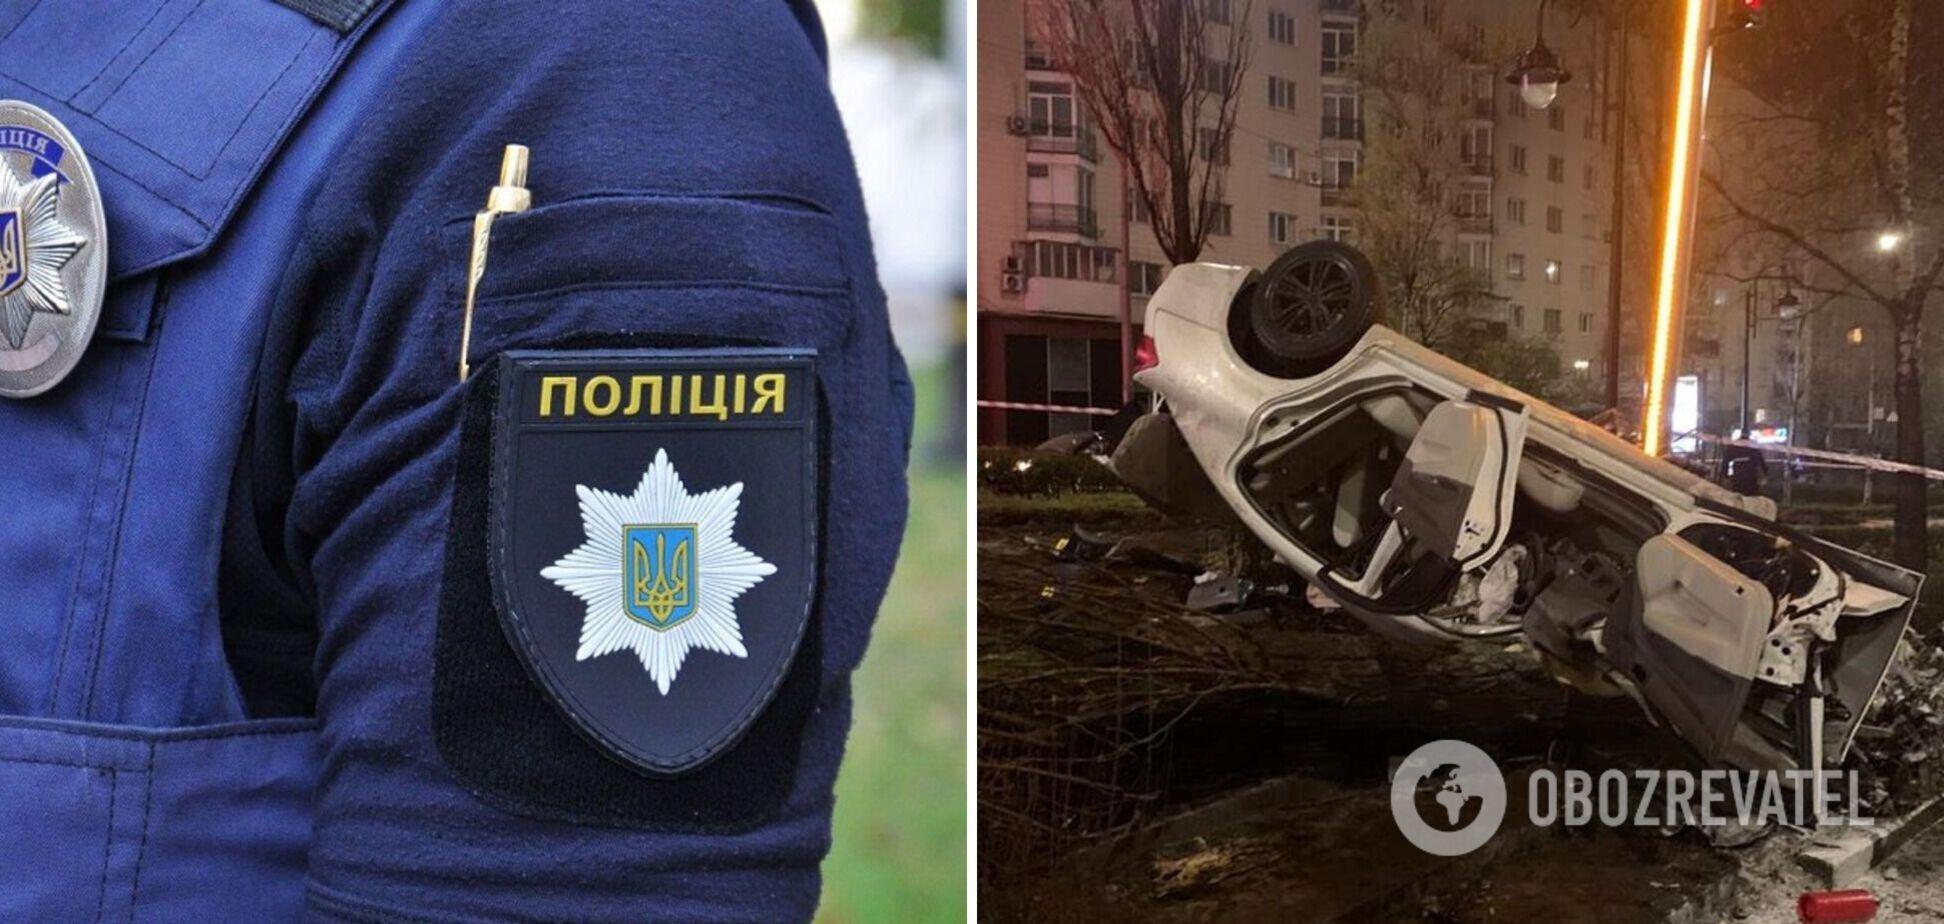 Стали известны имена водителя и жертвы пьяного ДТП в Киеве